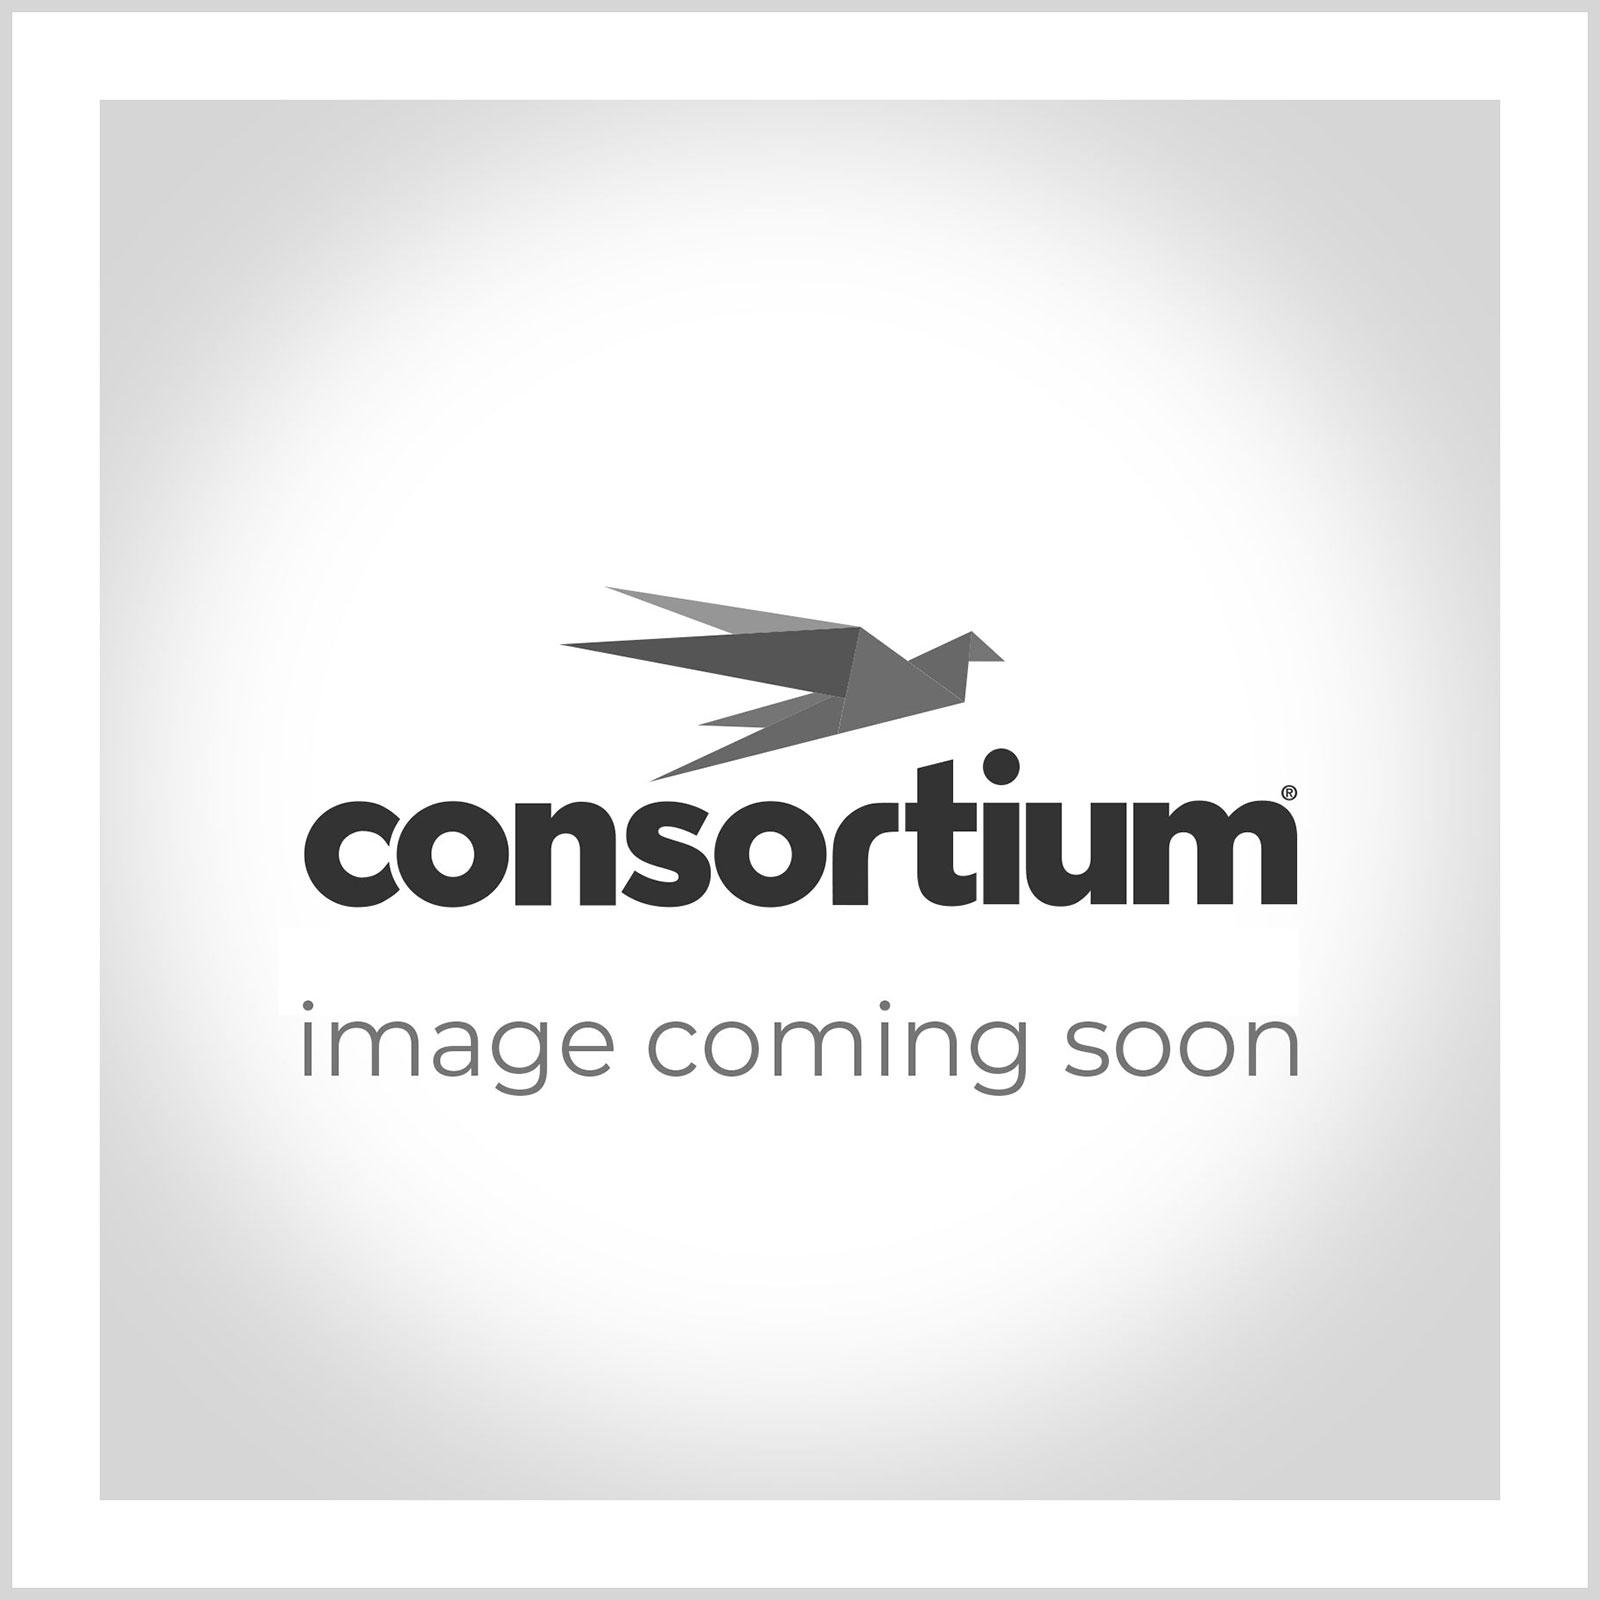 Accento C/brd 3 Shelves